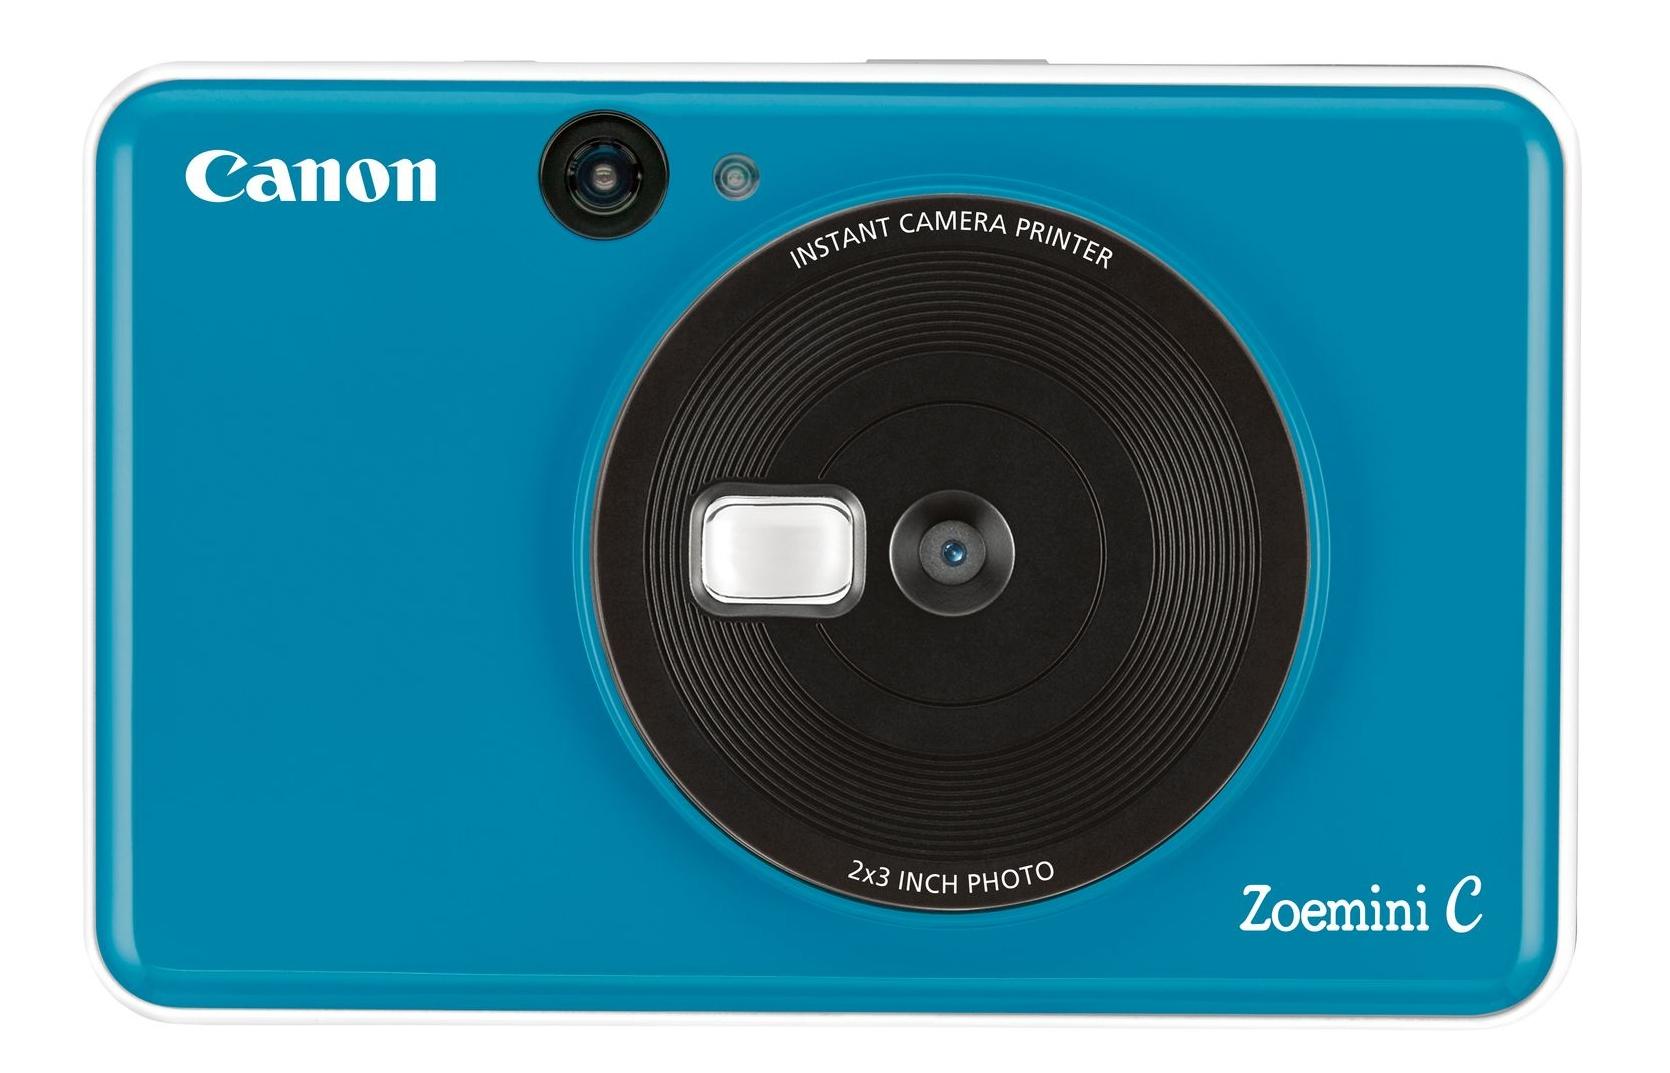 Canon Zoemini C 50.8 x 76.2 mm Blue